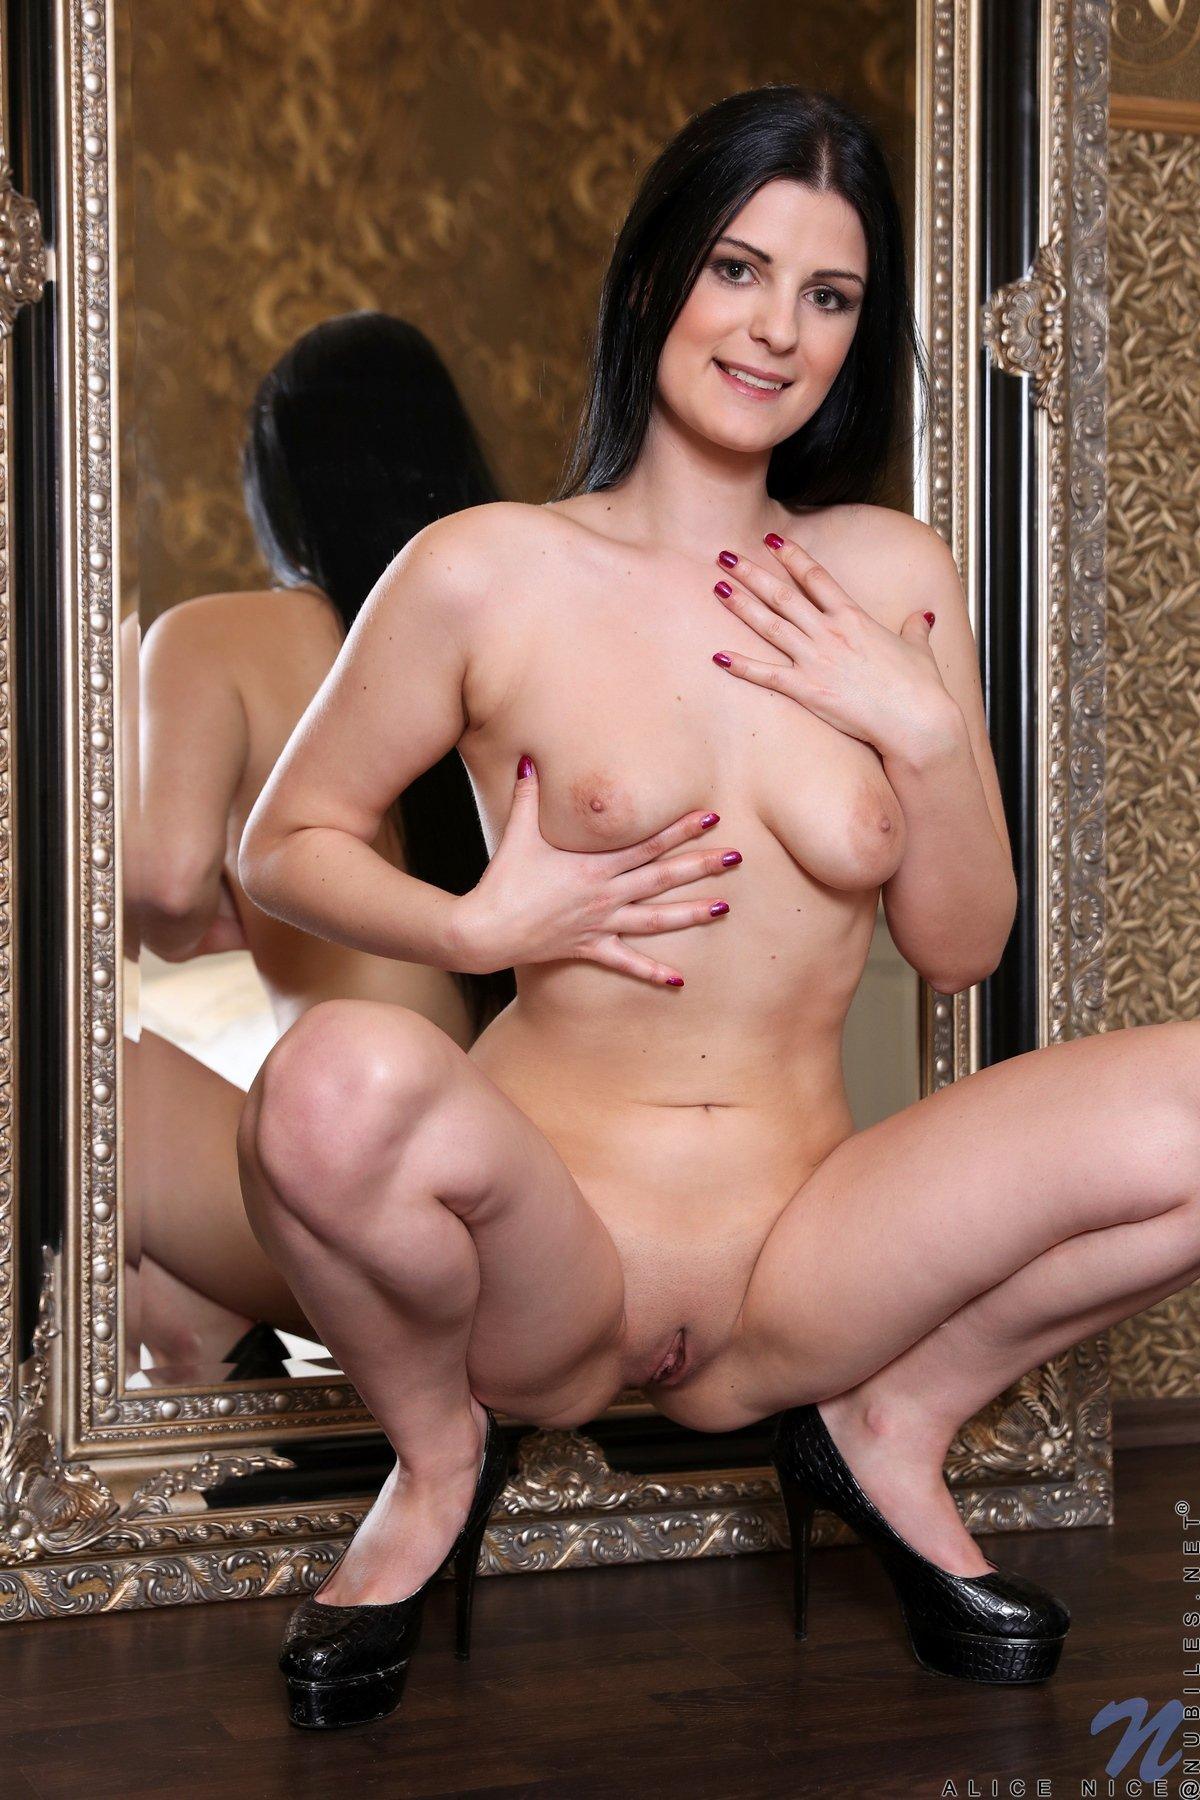 Брюнетка снимает шортики перед зеркалом